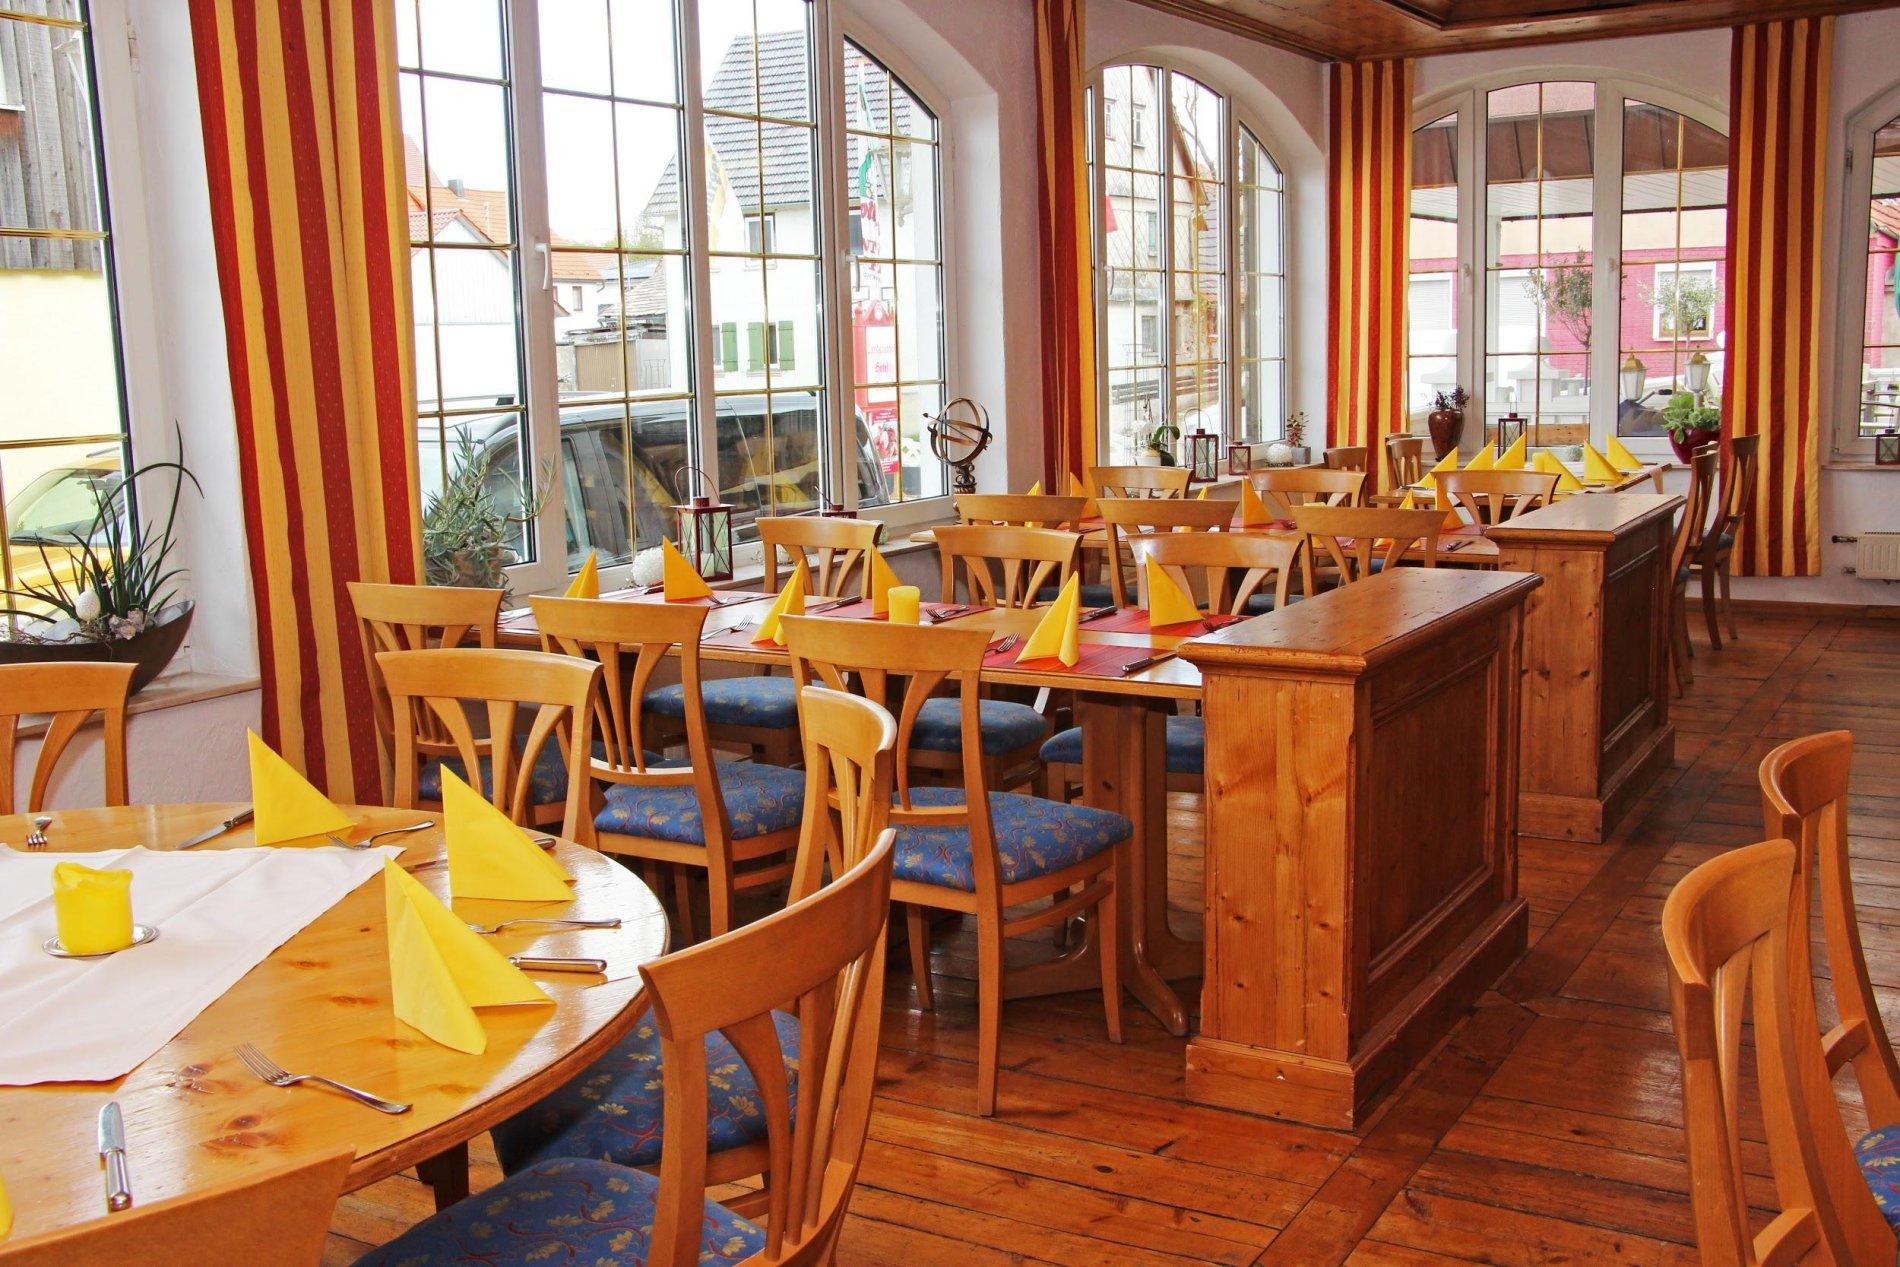 Ein heller Raum mit mehreren Fenstern, gedeckten Tischen und Stühlen.